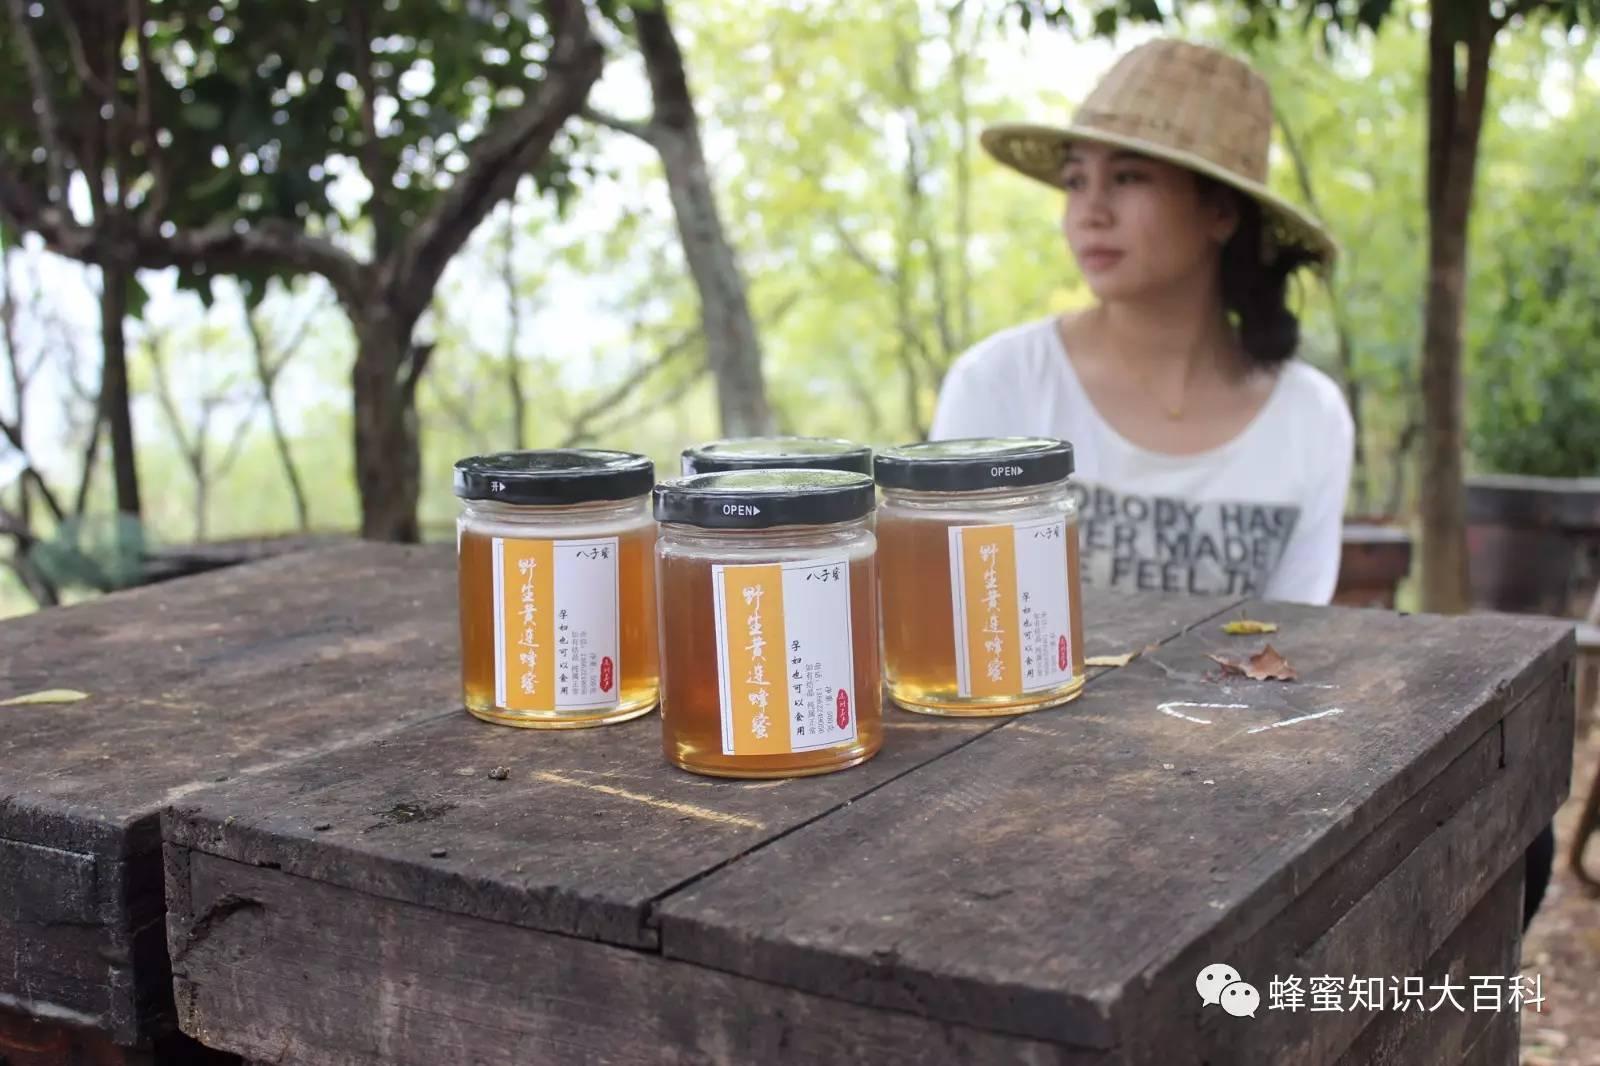 天天喝蜂蜜好吗 皱纹蜂蜜 博山蜂蜜 炼蜜和蜂蜜哪个好 家家蜜森林蜂蜜